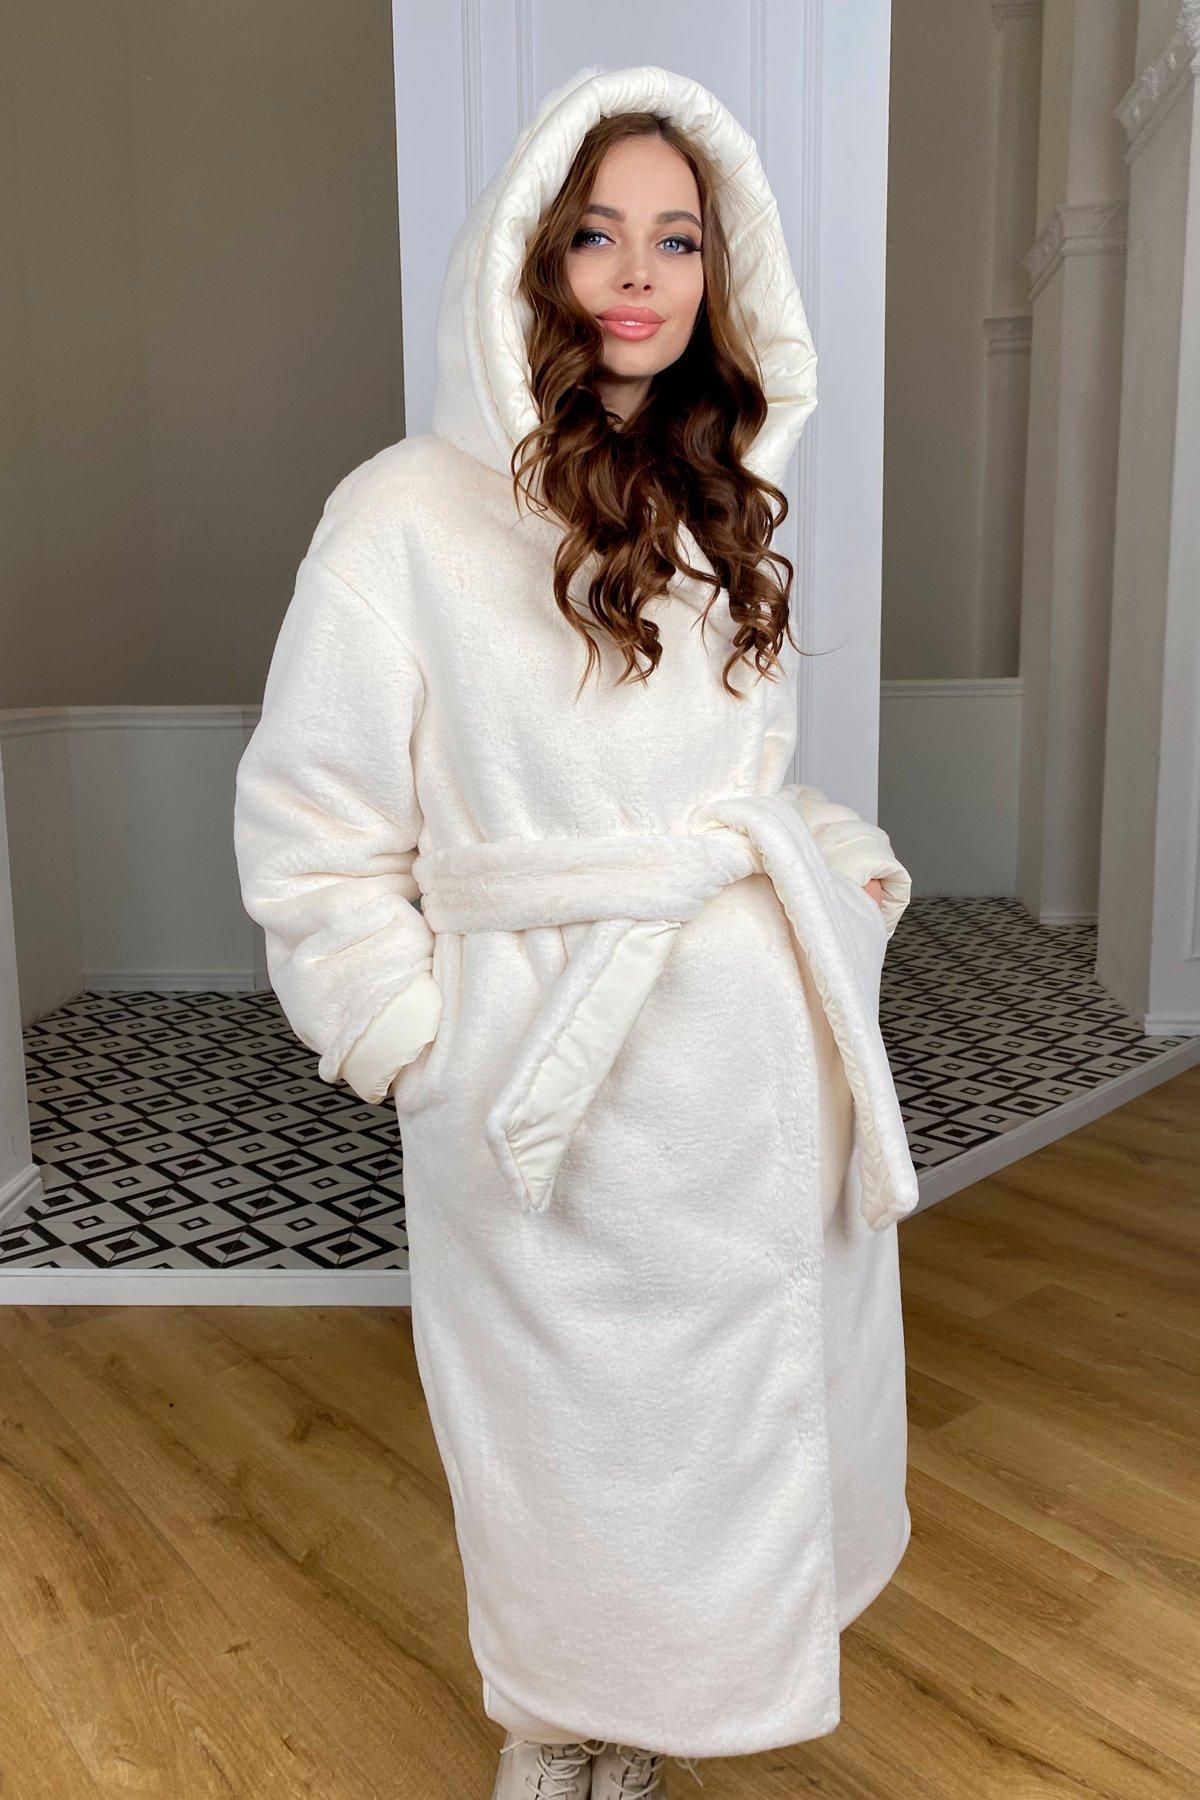 Сноу  теплое двухстороннее пальто из  еко меха и плотной  плащевки 9956 АРТ. 46669 Цвет: Молоко/Молоко 6 - фото 11, интернет магазин tm-modus.ru